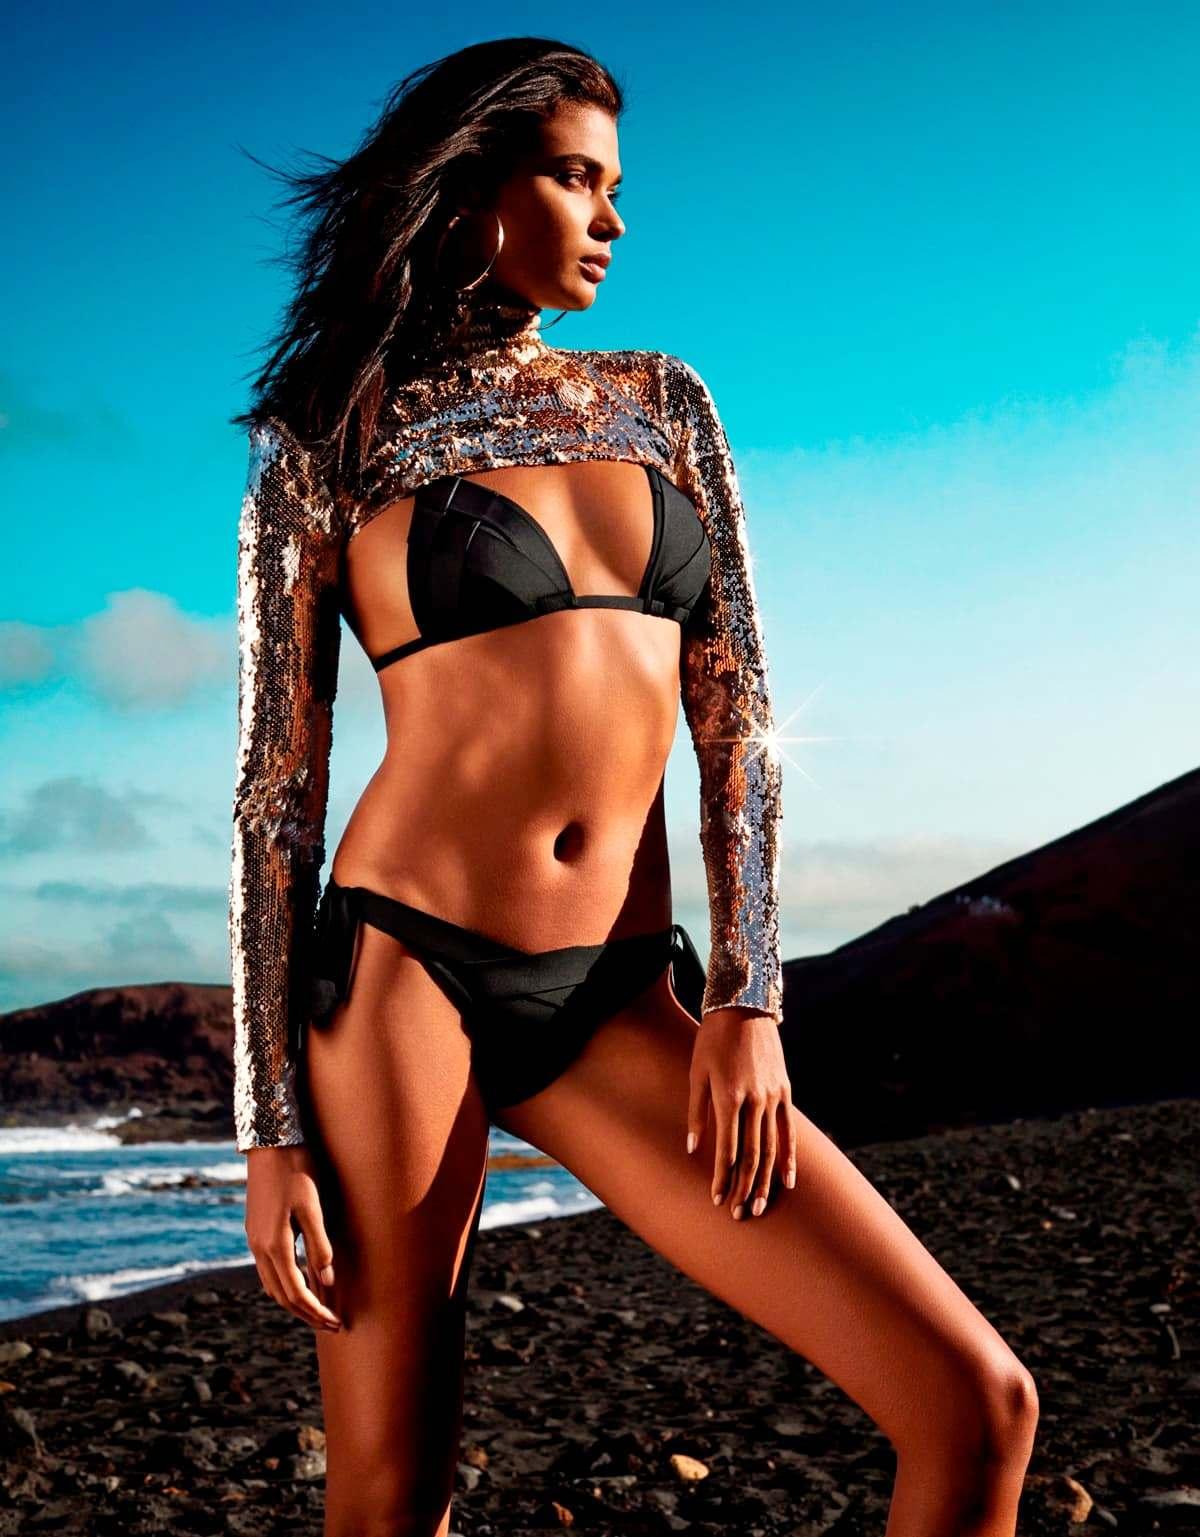 geringster Preis neue sorten Kauf authentisch Bademode 2019 von Andres Sarda - Bikini, Badeanzug, Strandkleid